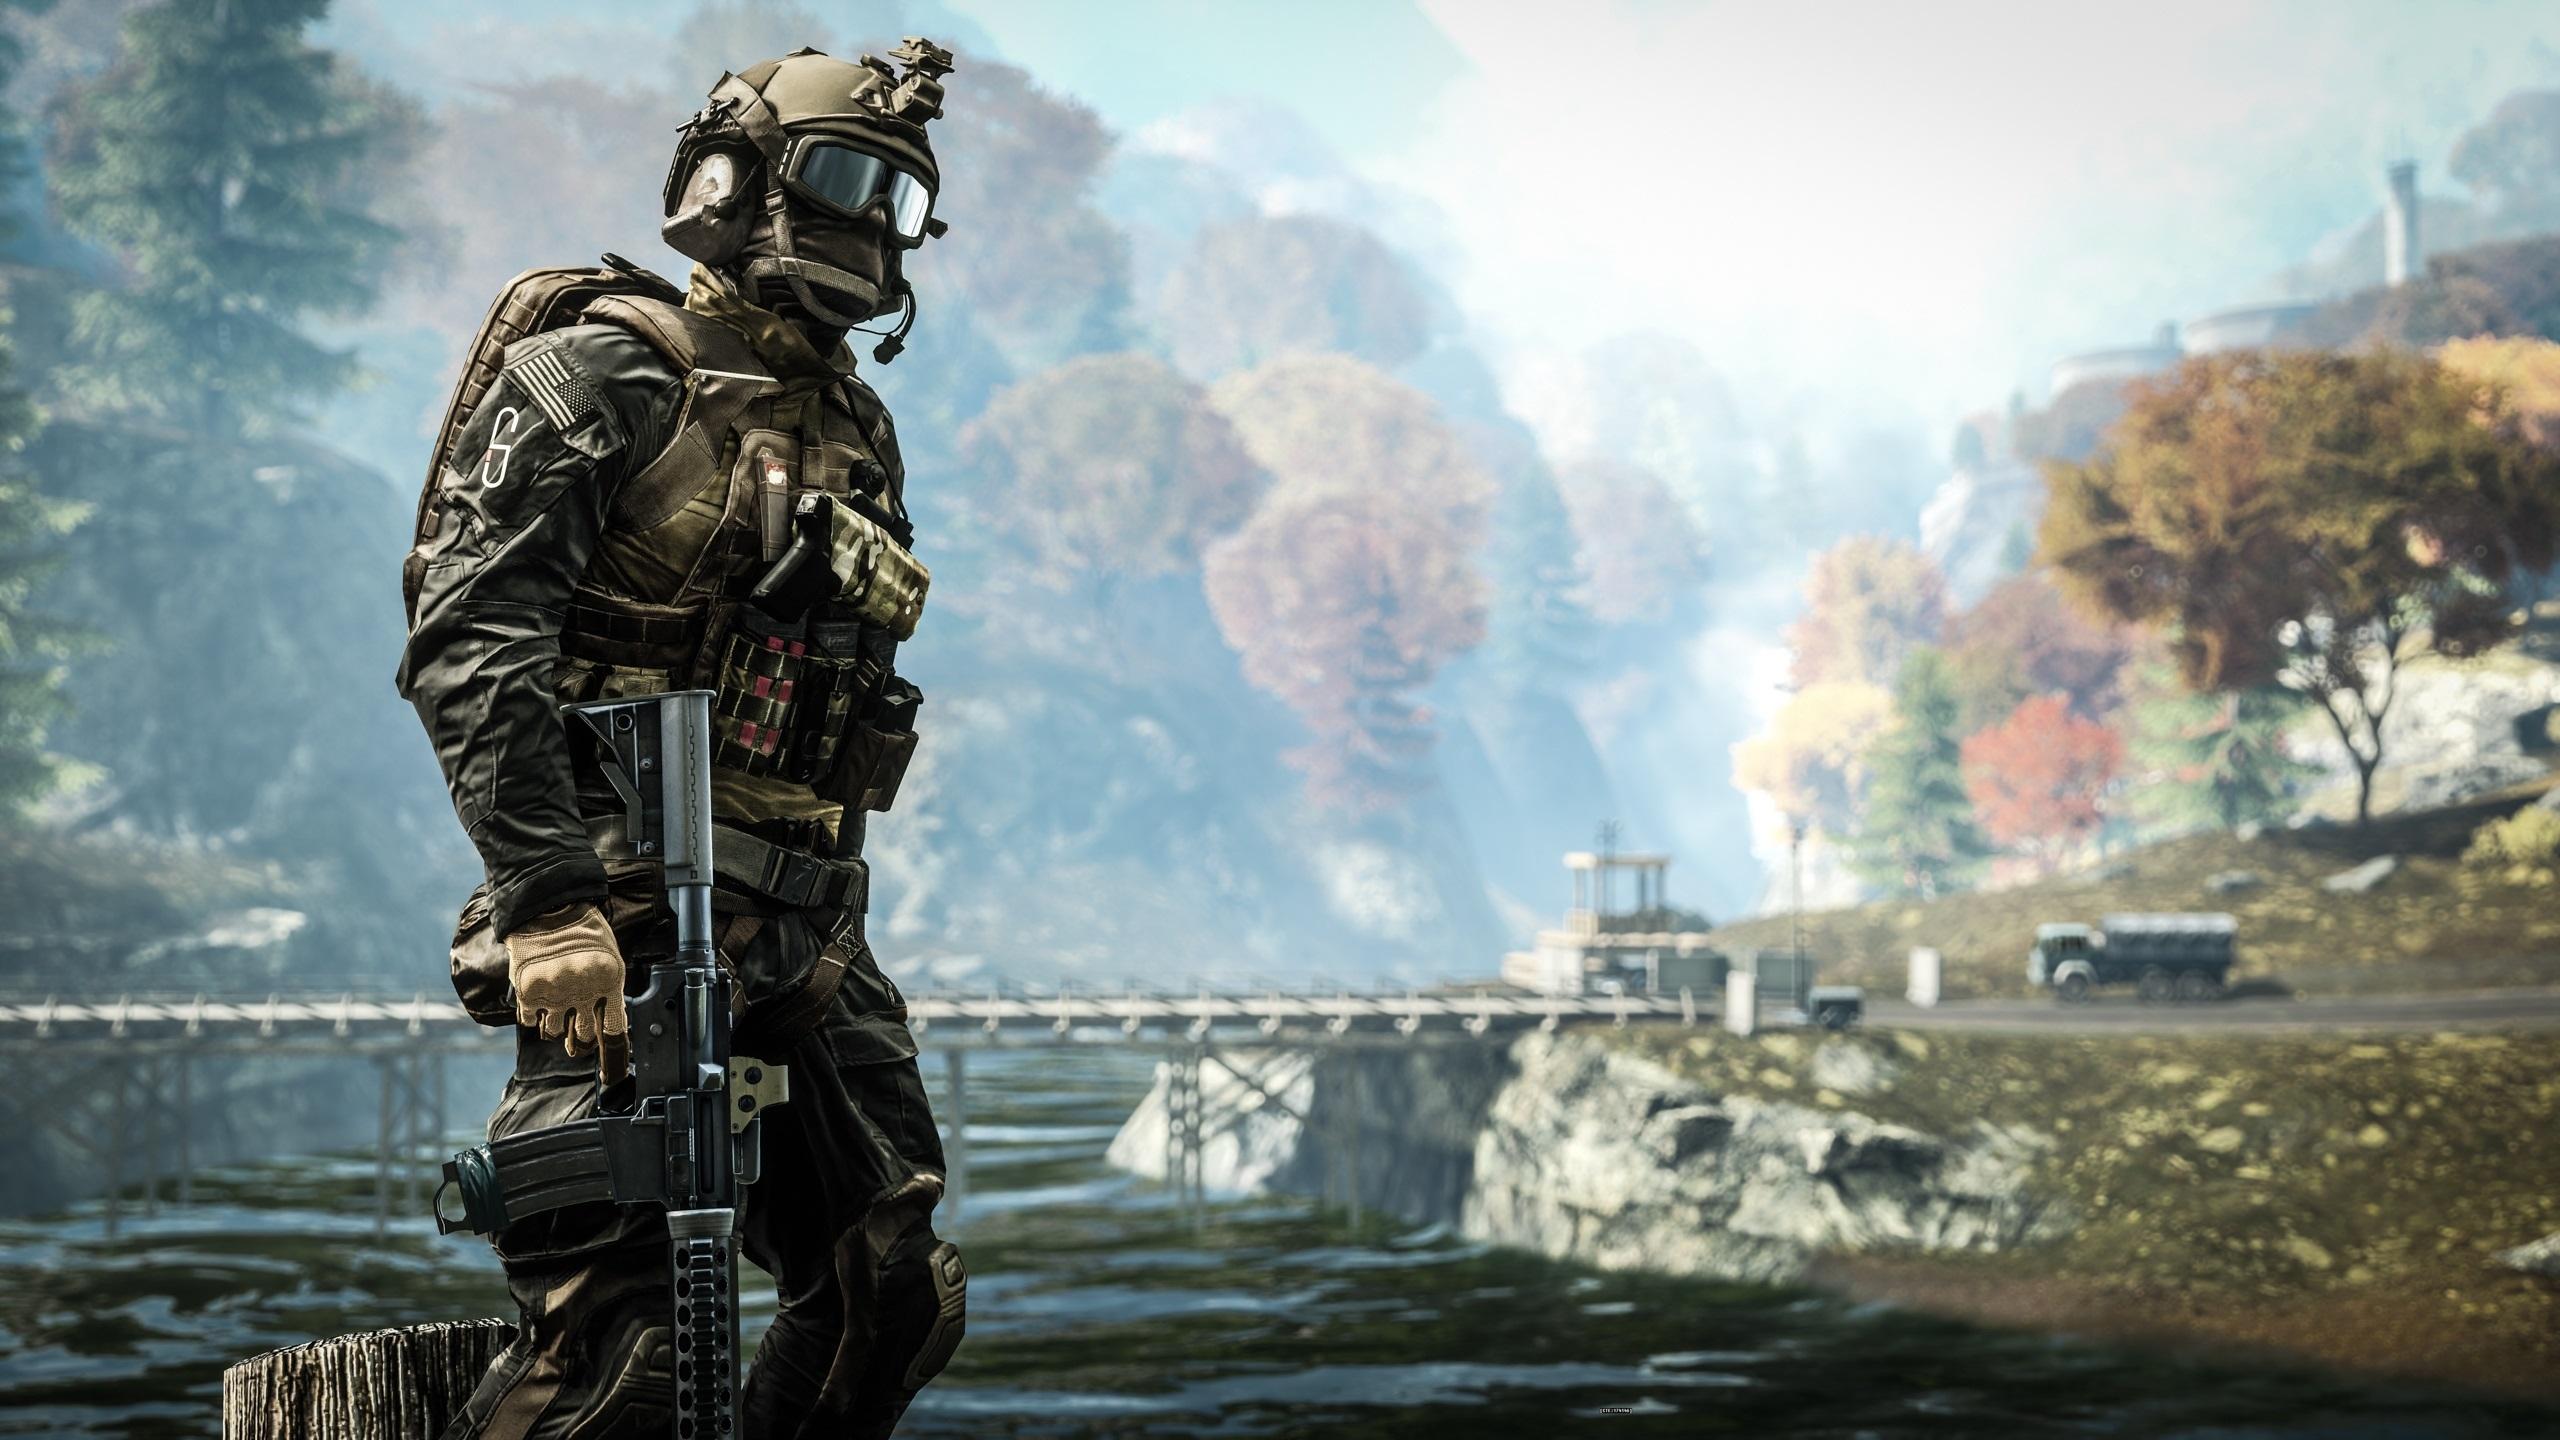 View Battlefield 5 Wallpaper 2560X1440 Wallpapers